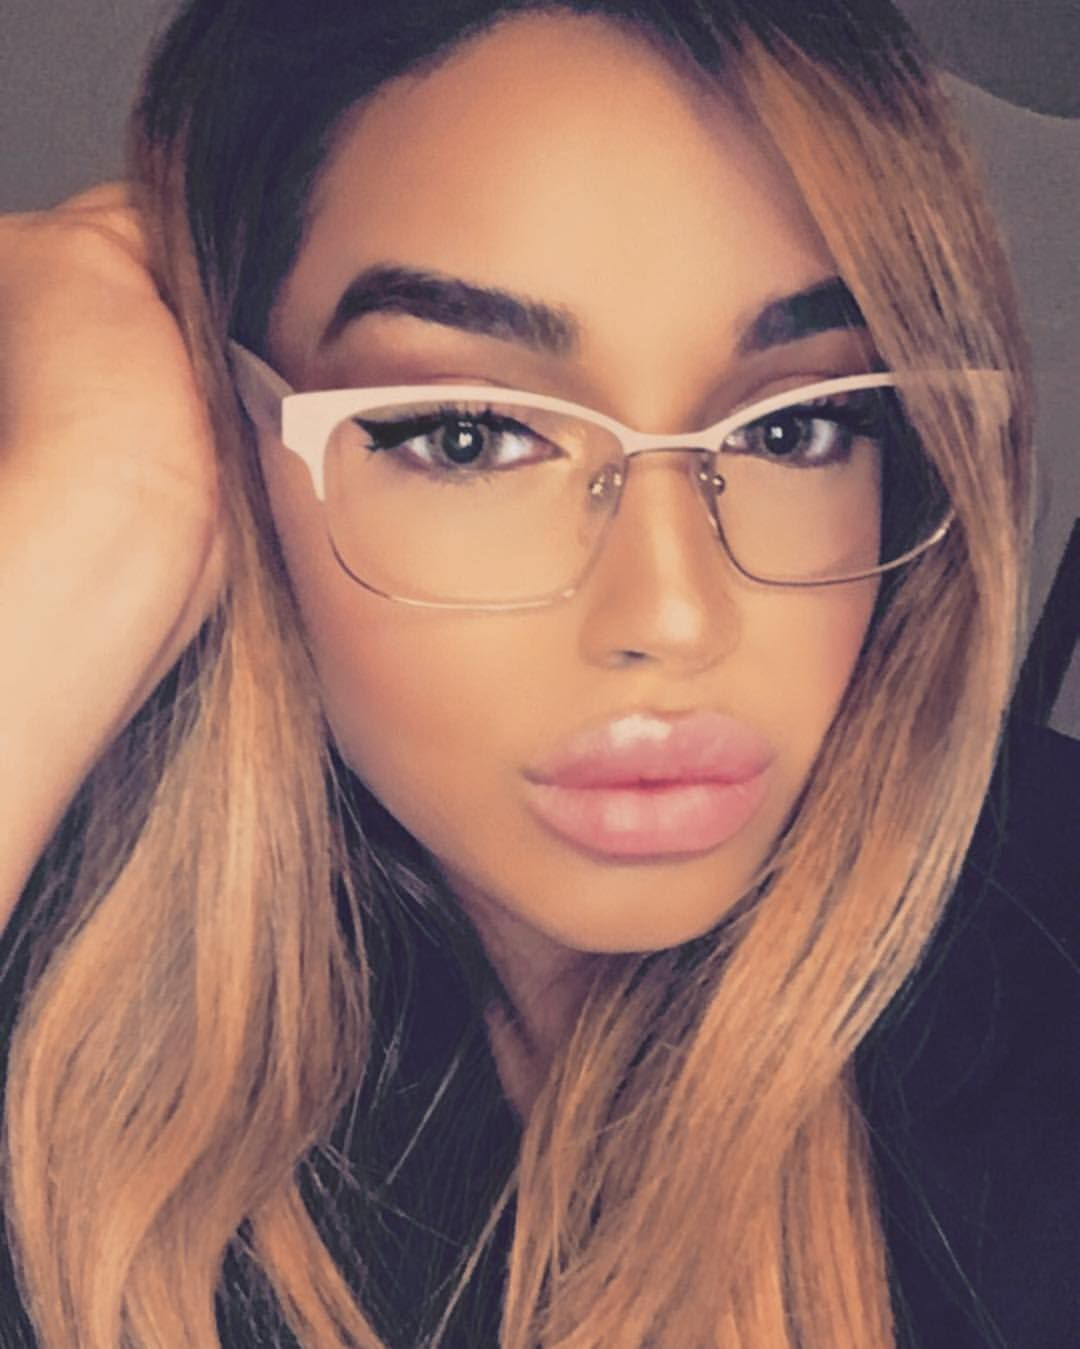 ef15ad879039a Pin by D W A L K on Beautiful Women in 2019   Women, Beauty, Instagram